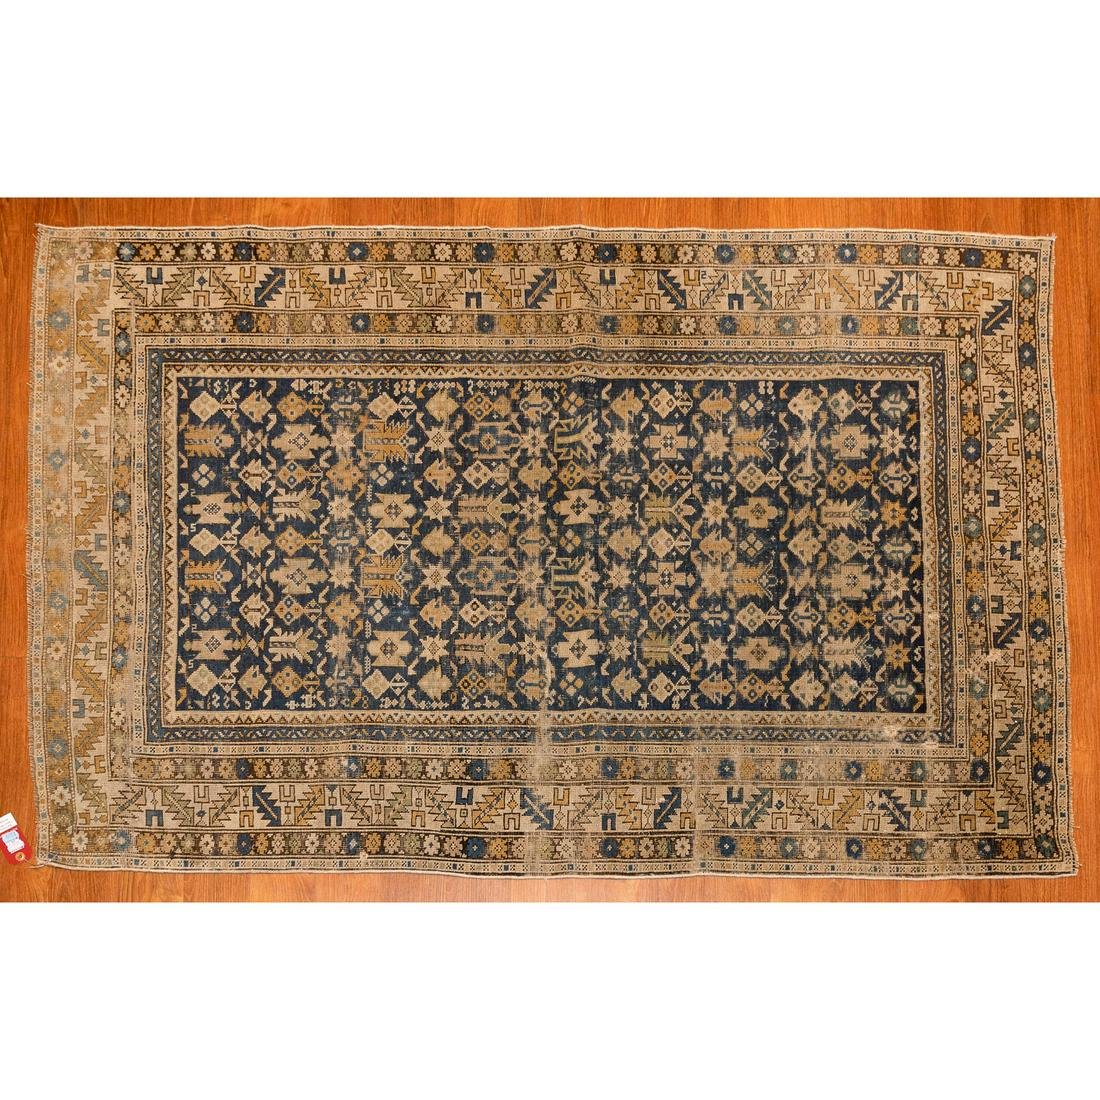 Antique Shirvan Rug, Caucasus, 3.8 x 5.5